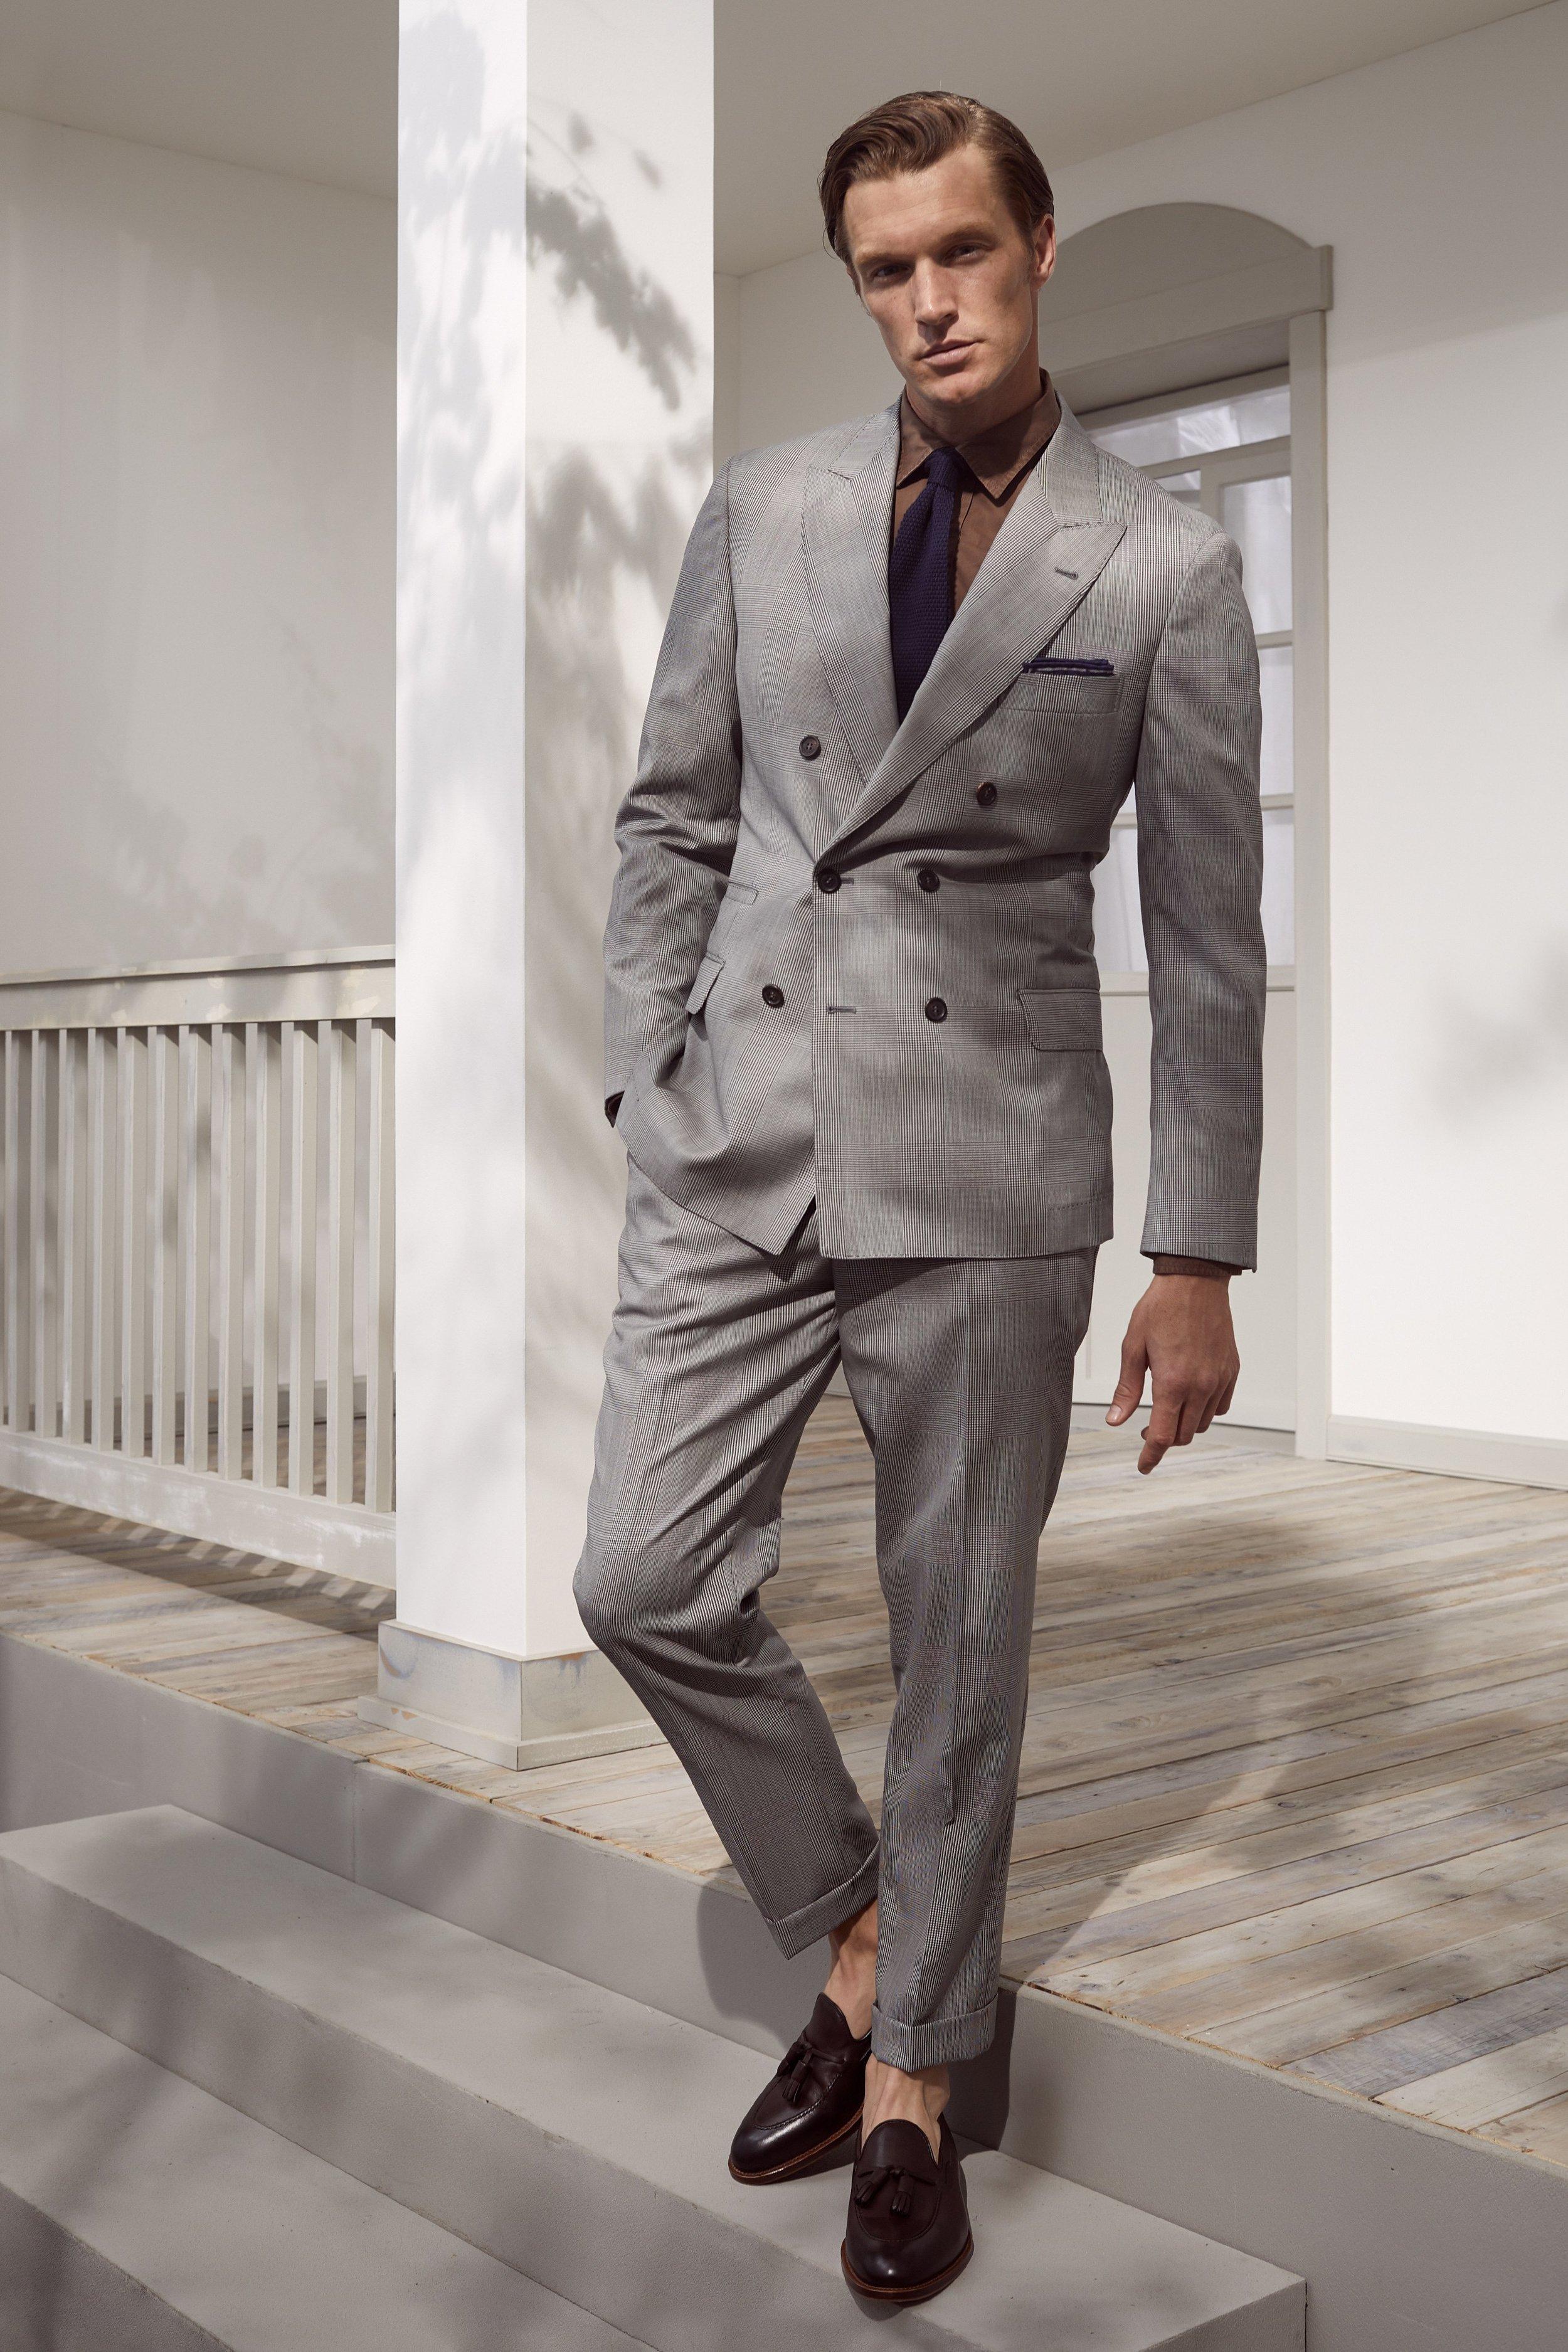 00010-brunello-cucinelli-Vogue-Menswear-SS19-pr.jpg